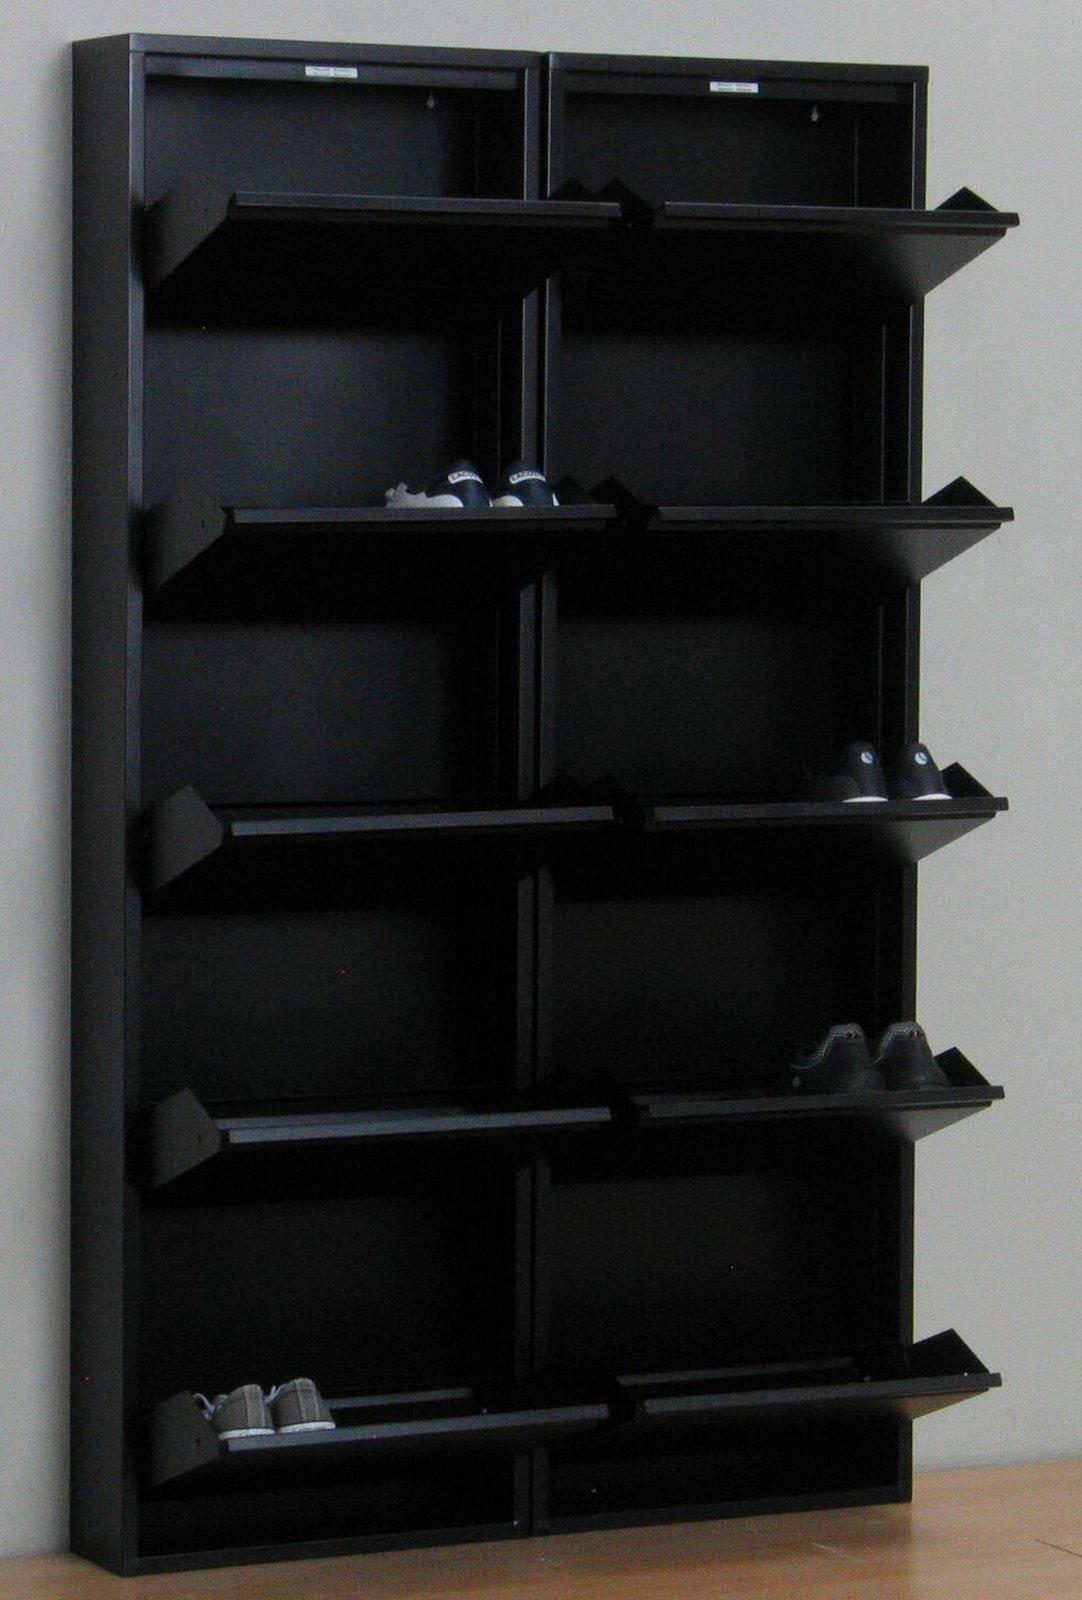 Xl Schuhschrank Pisa 10 Klappen Metall Schuhkipper